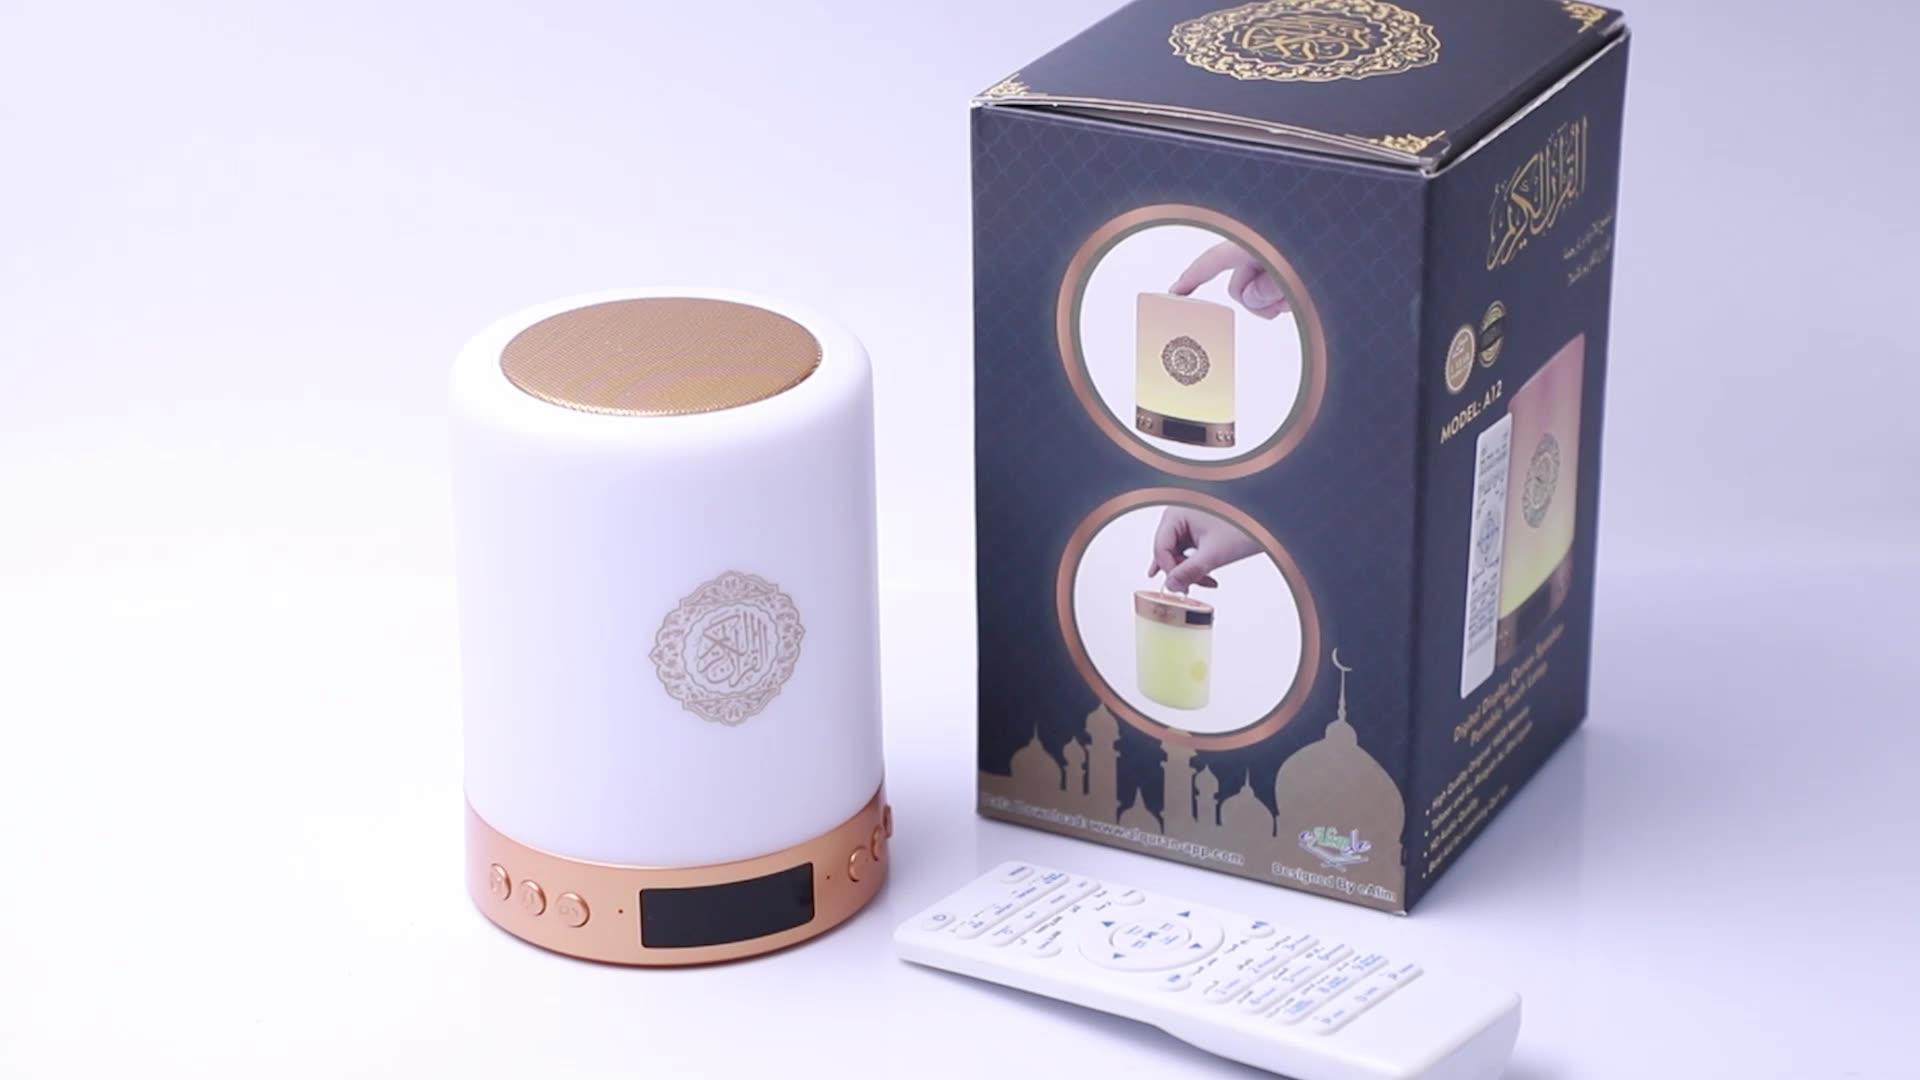 Jbl — enceinte coran SQ112, 16 go, haut-parleurs avec écran, lampe à distance bluetooth, avec lumière colorée, 2020 Offre Spéciale